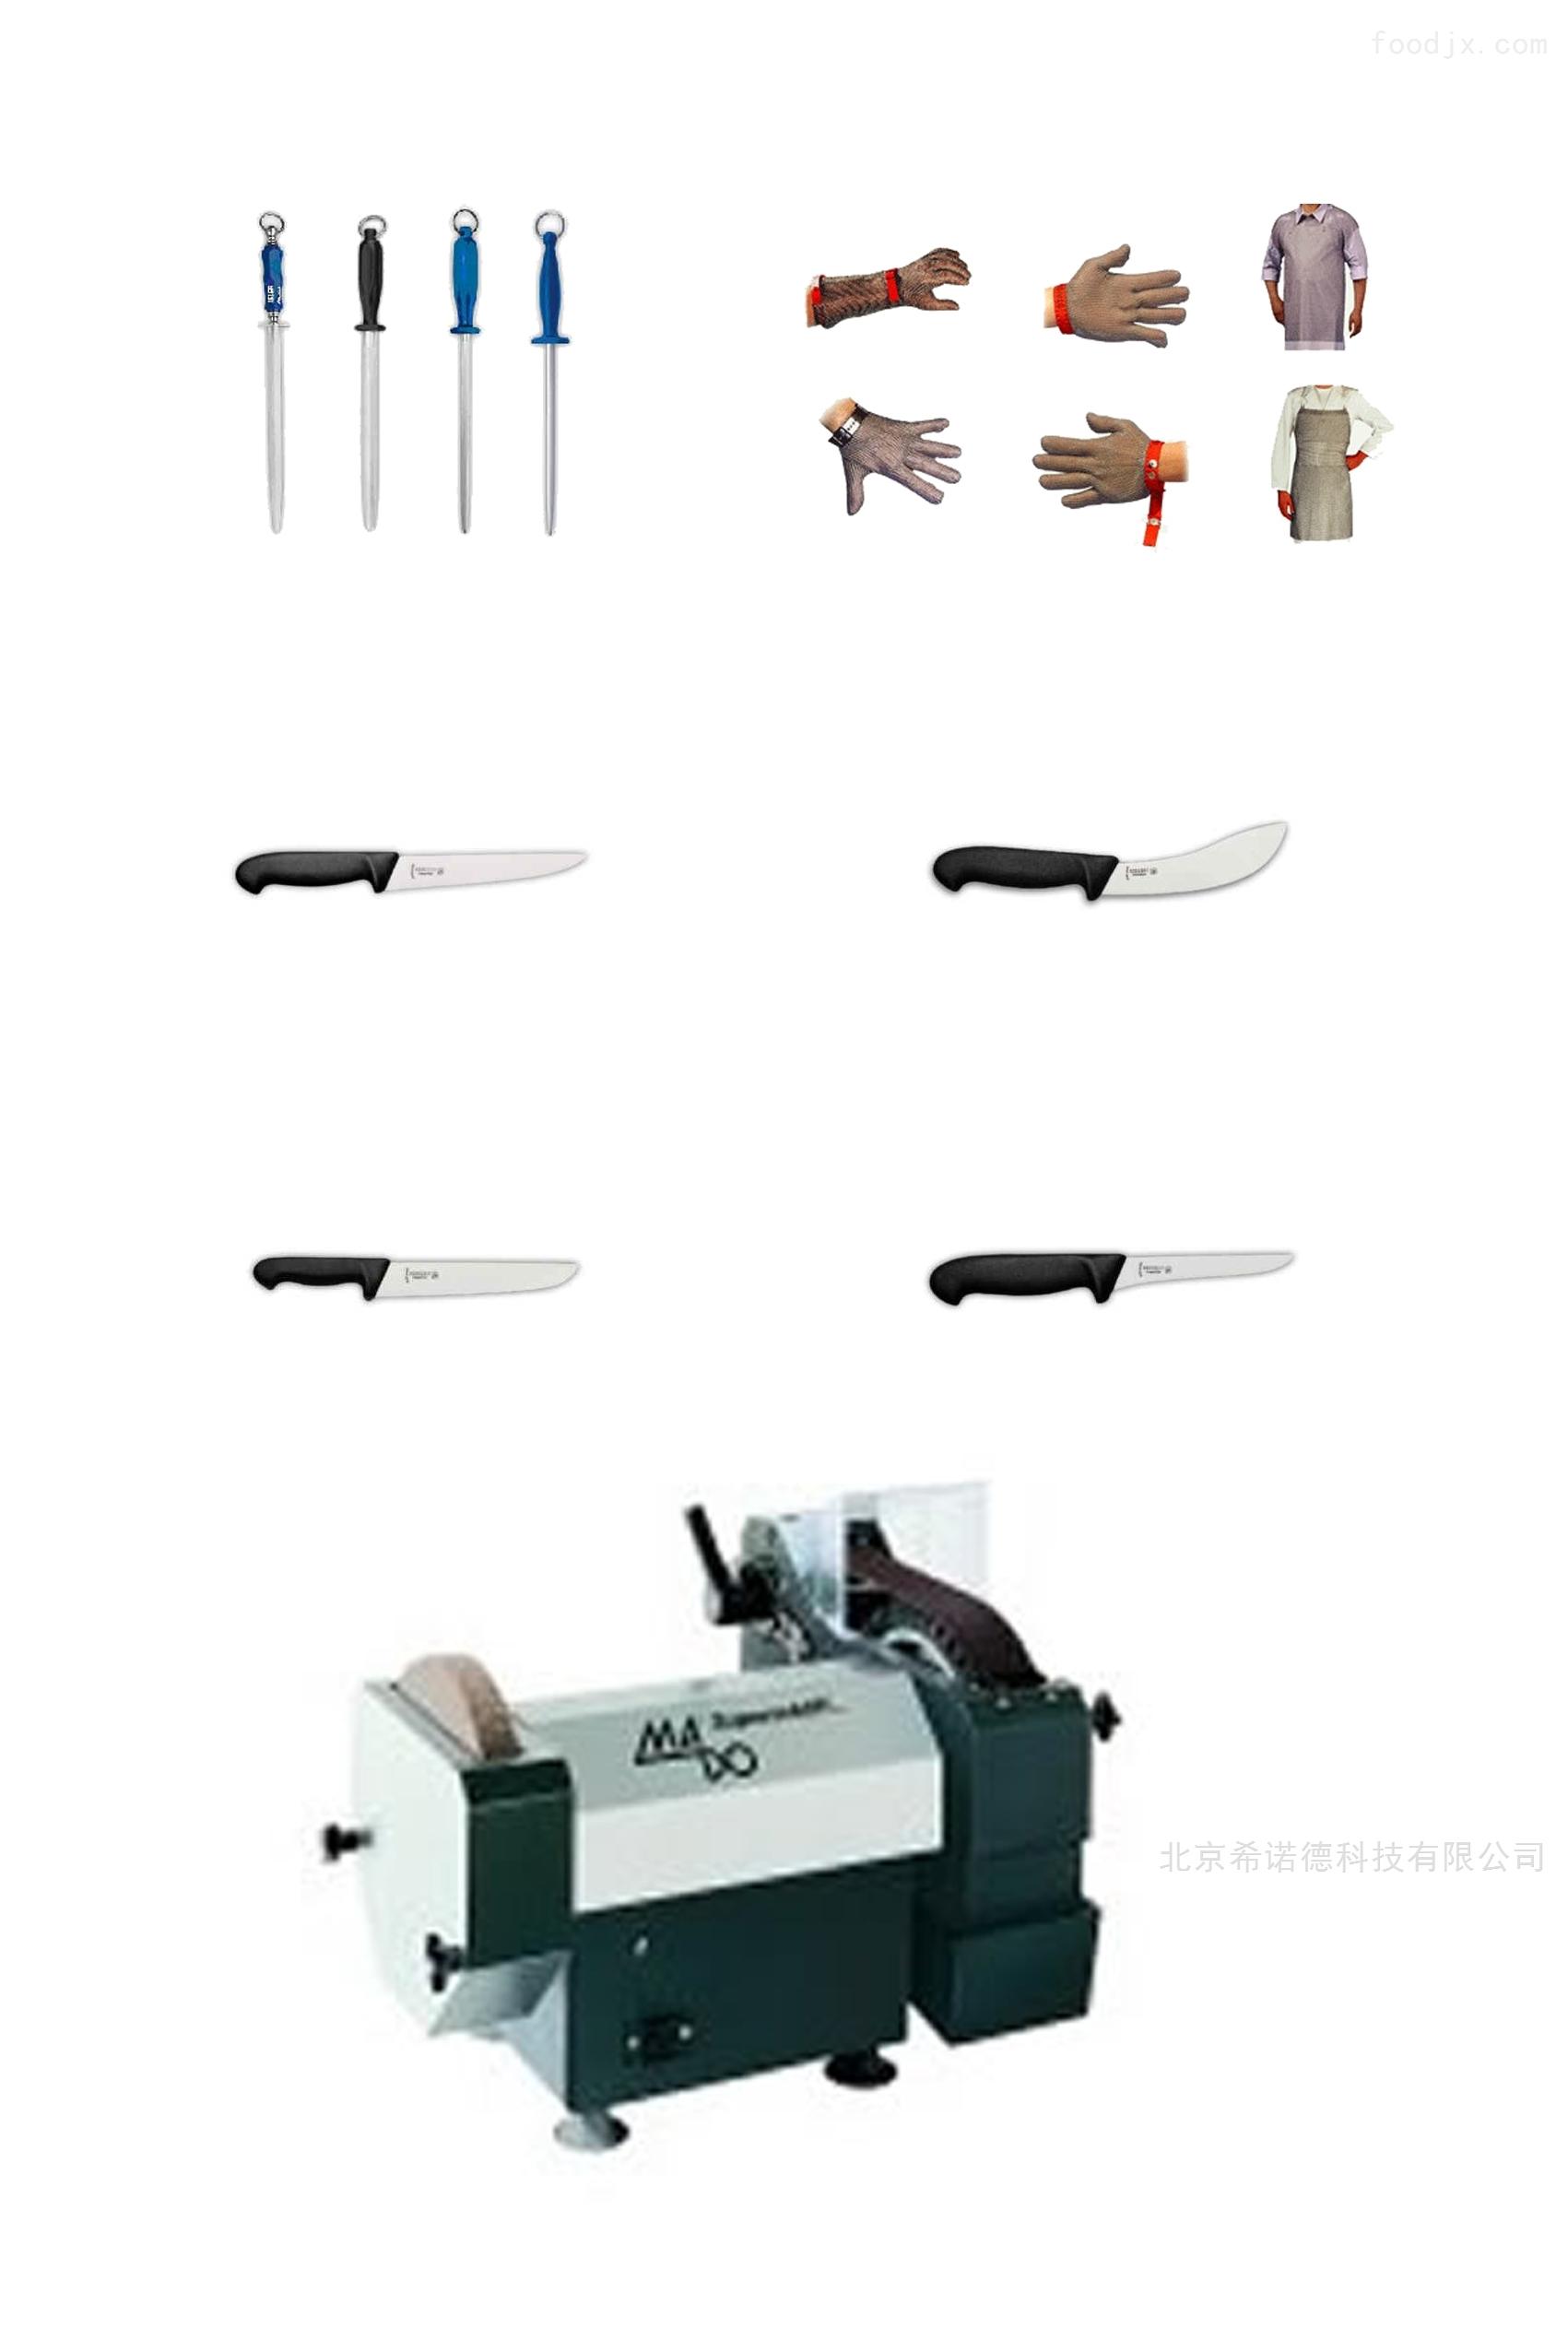 分割刀具磨刀机